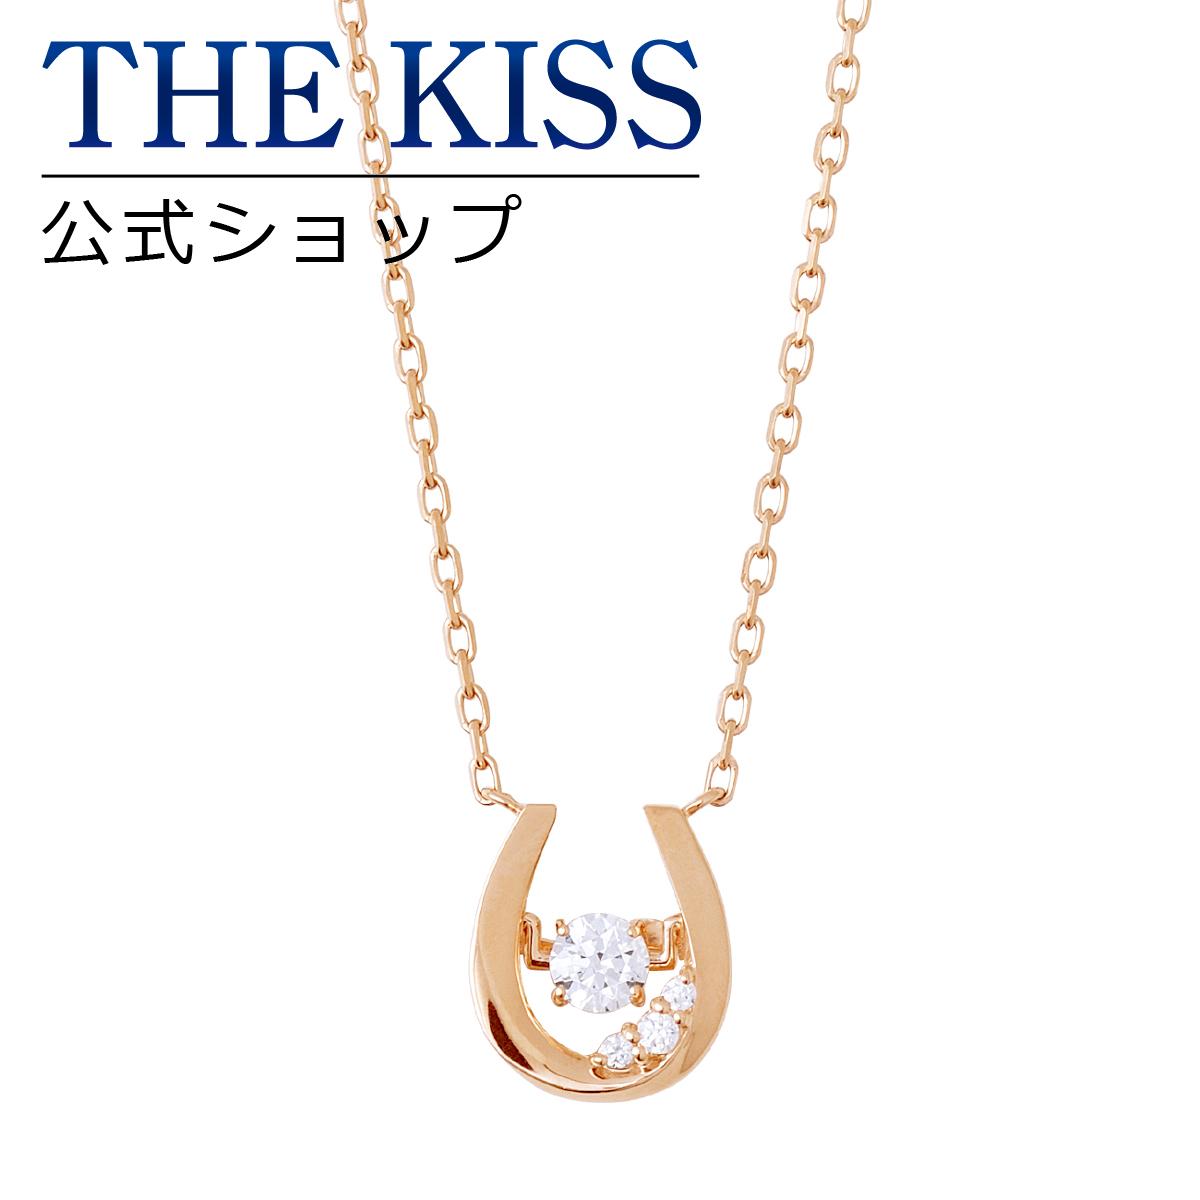 【あす楽対応】THE KISS 公式サイト シルバー ネックレス レディースジュエリー・アクセサリー ジュエリーブランド THEKISS ネックレス・ペンダント 記念日 SPD1418CB ザキス 【Twinkling】【送料無料】